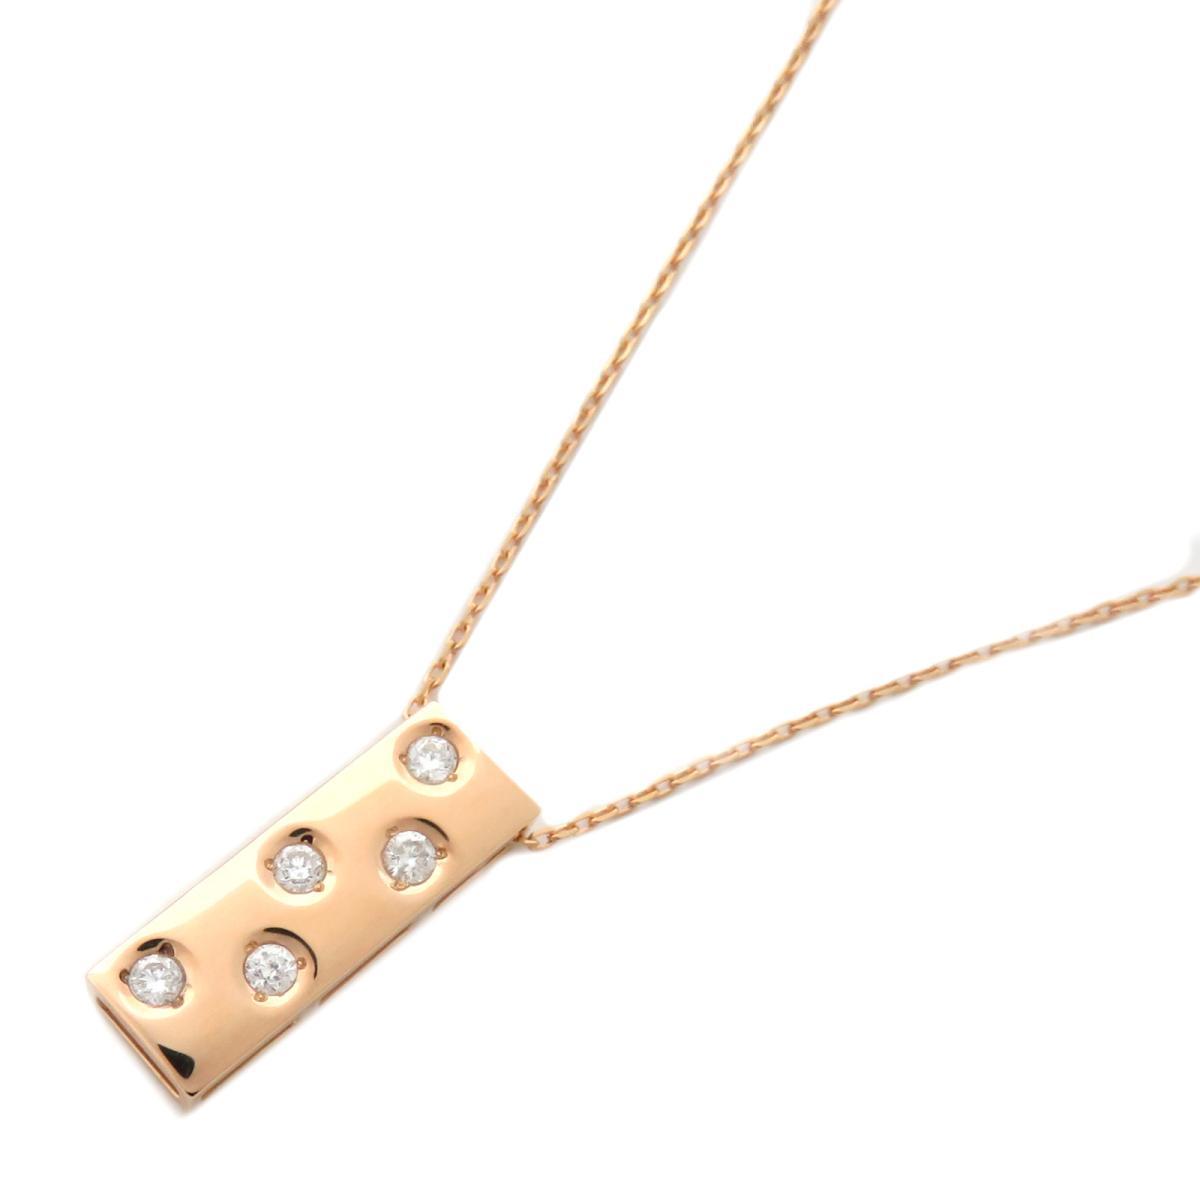 【中古】ジュエリー ダイヤモンド ネックレス ノーブランドジュエリー レディース K18PG(750) ピンクゴールド × ダイヤモンド(0.13ct)